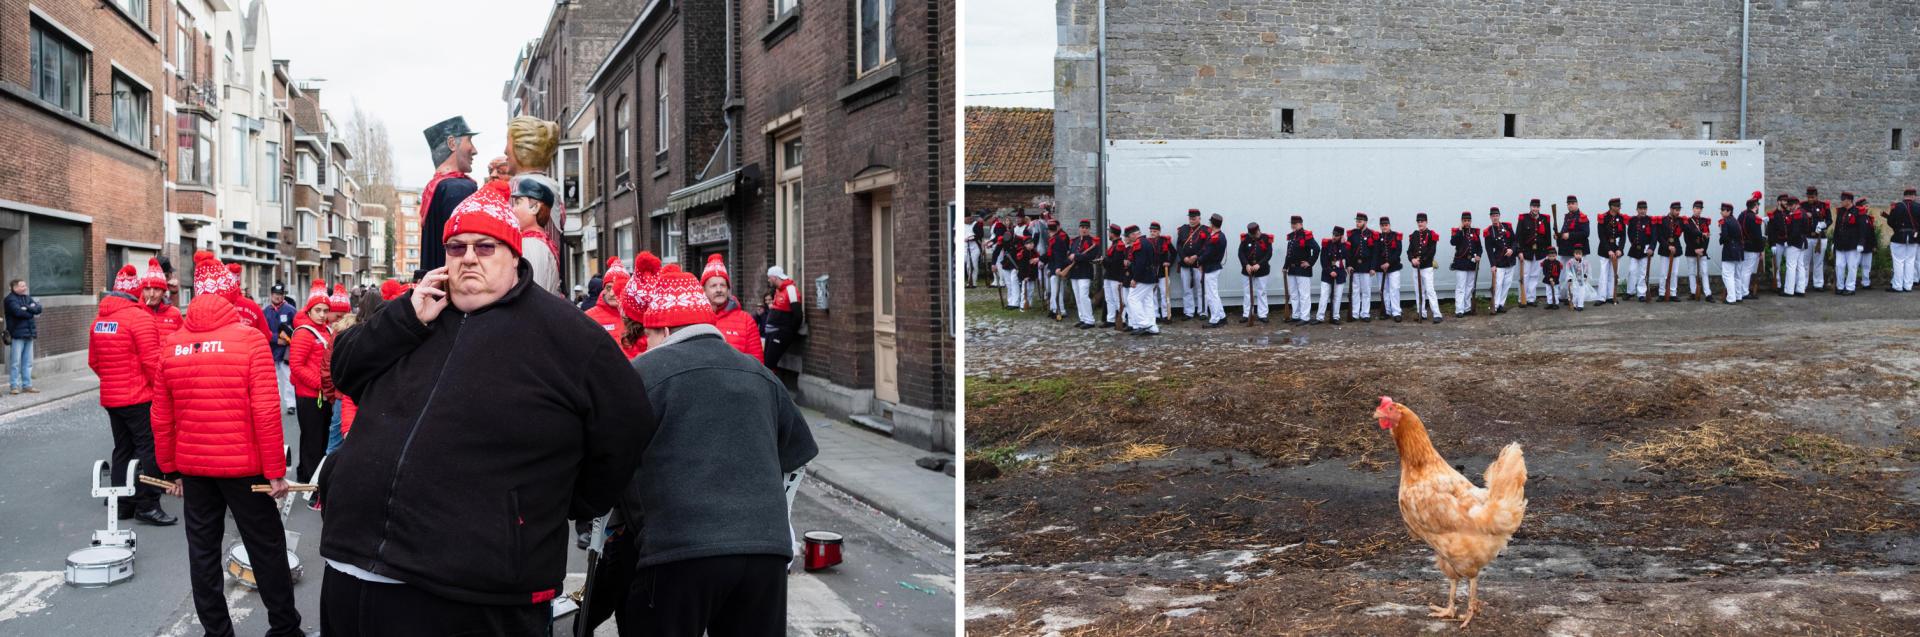 A gauche, le carnaval du Mardi gras. A droite, les hommes s'habillent en militaires du 19e siècle lors de la fête de Sainte-Rolende.Nicolas Portnoï